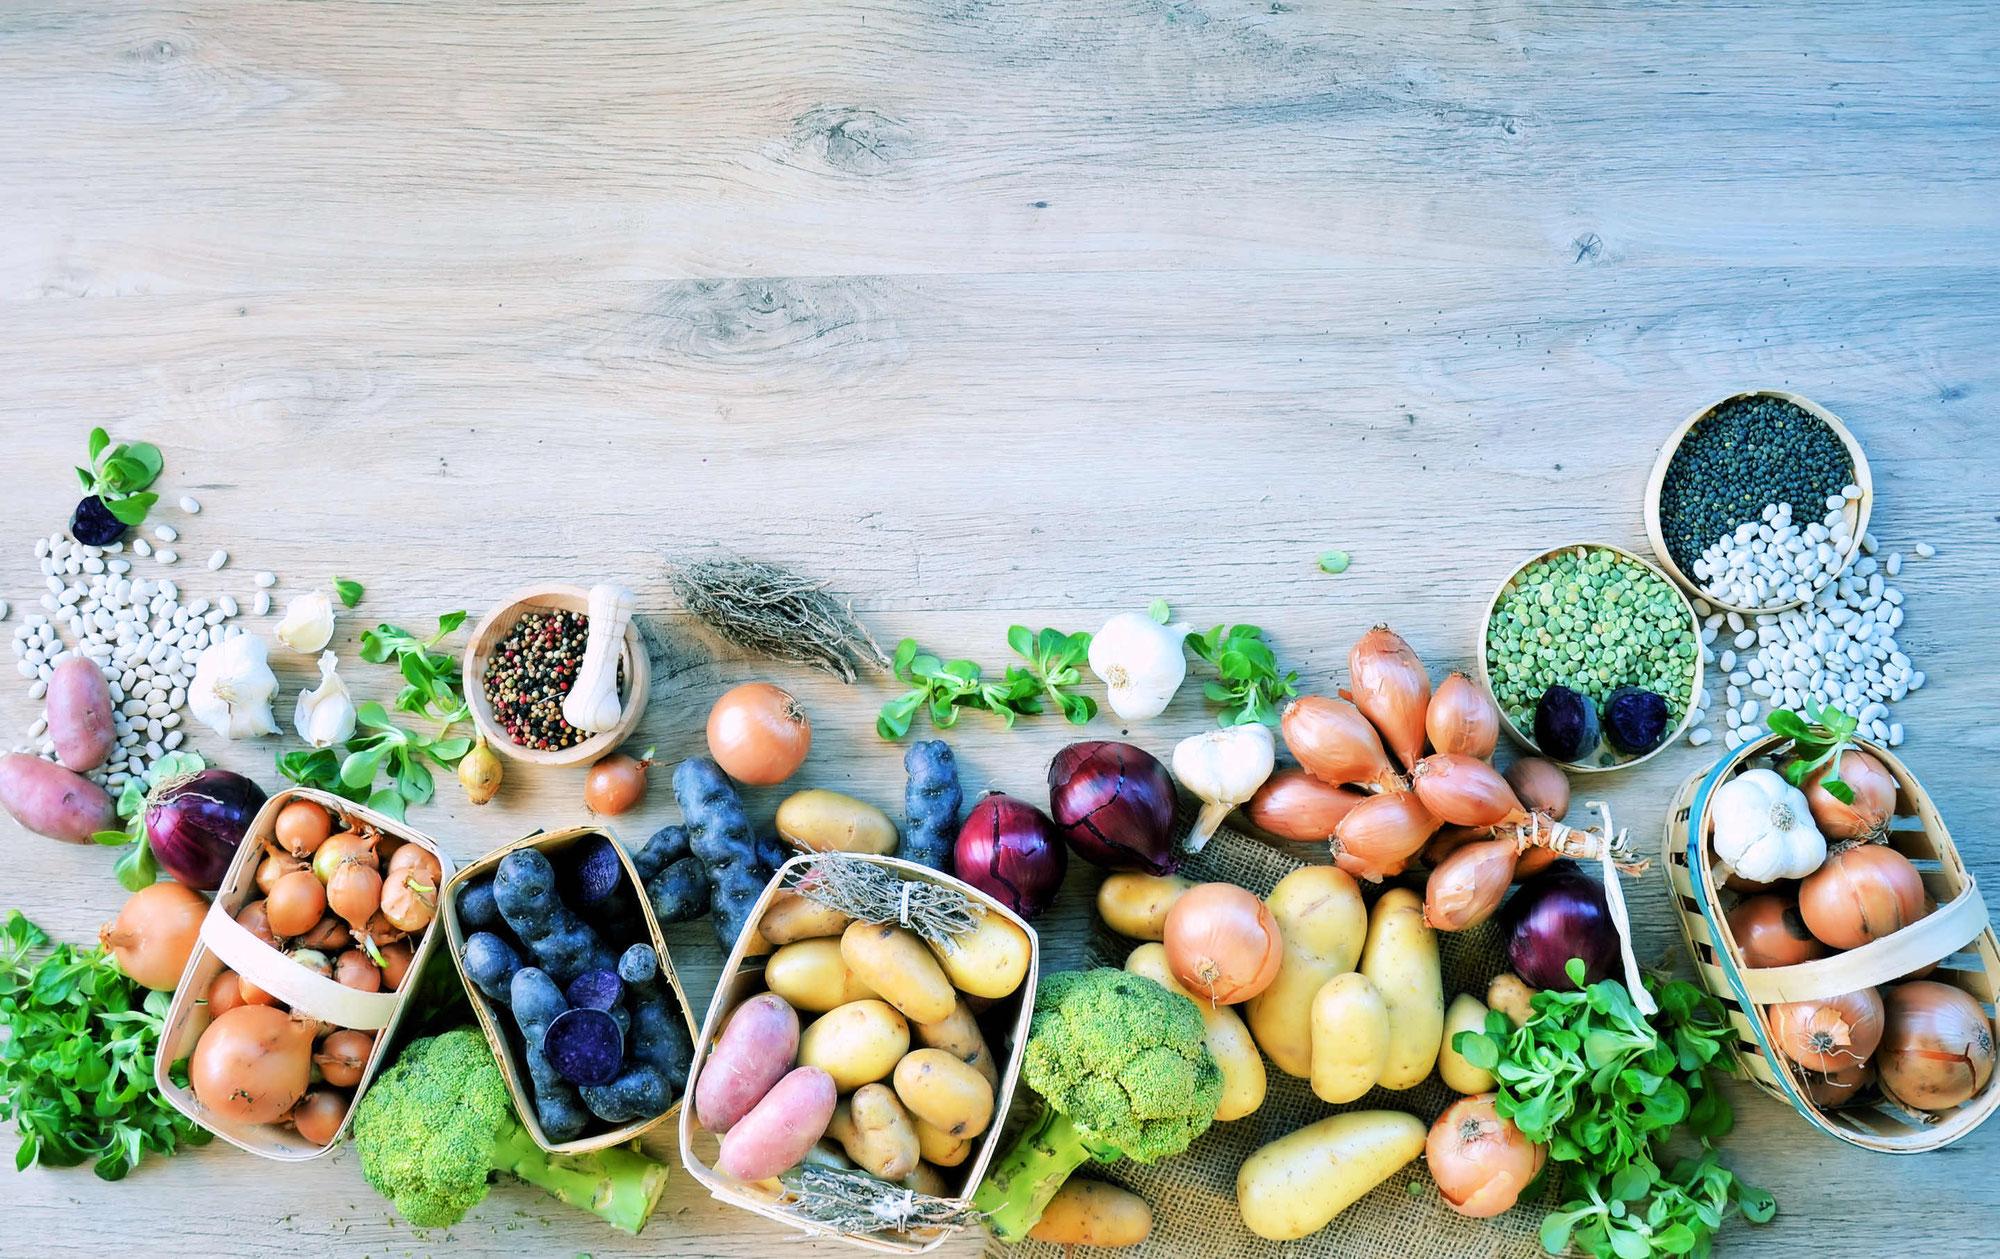 Wertschöpfung mit Wertschätzung. Die Zukunft der Ernährung, 5 Trends